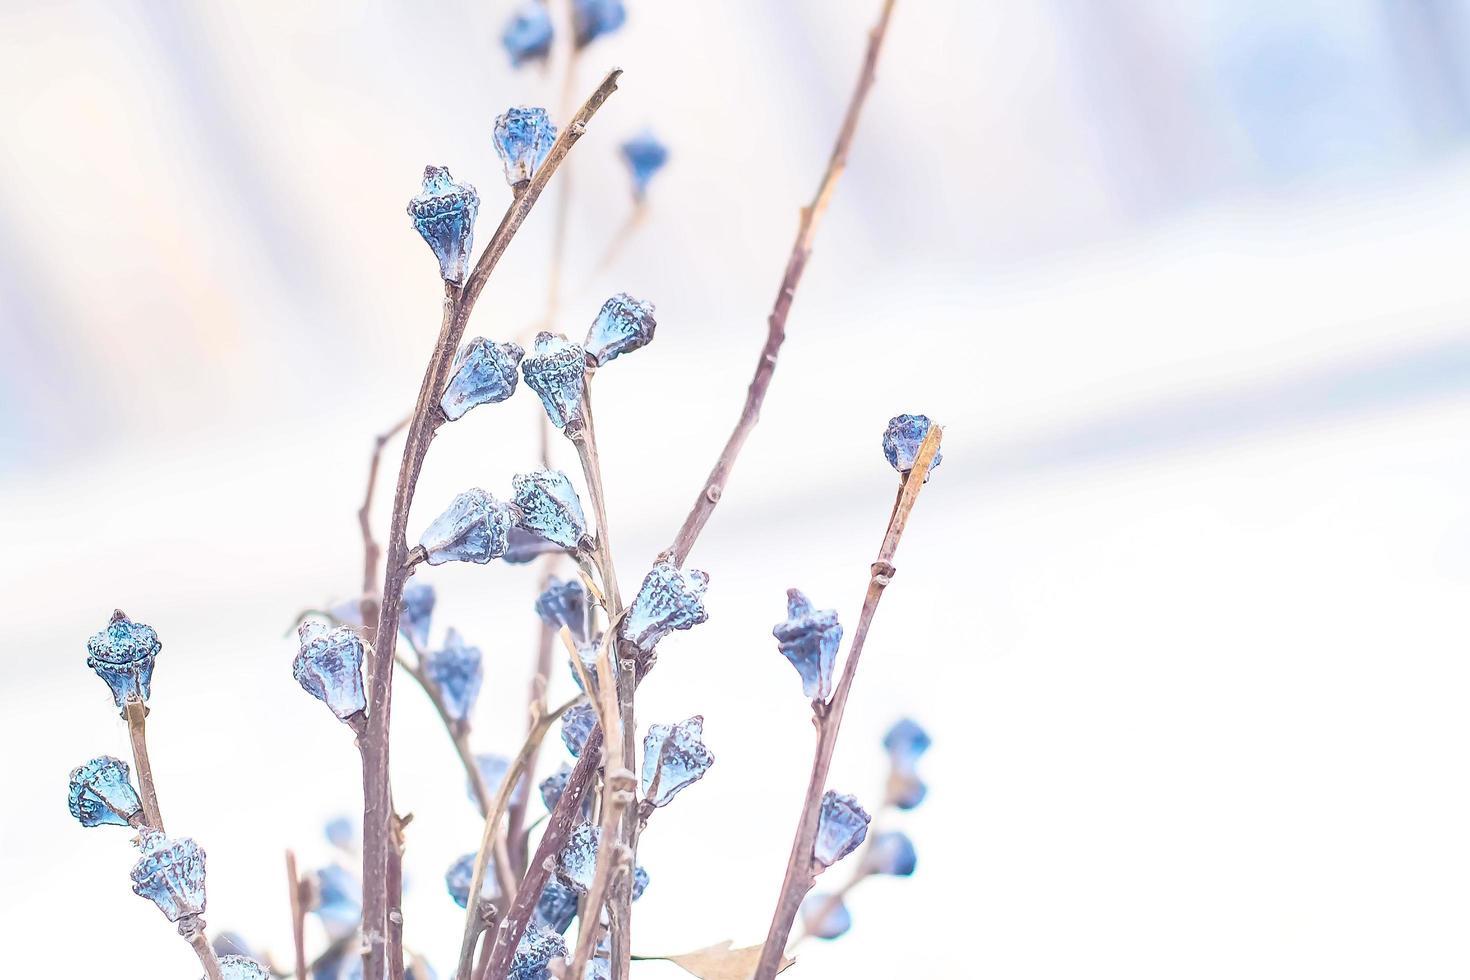 flores de pasto seco foto